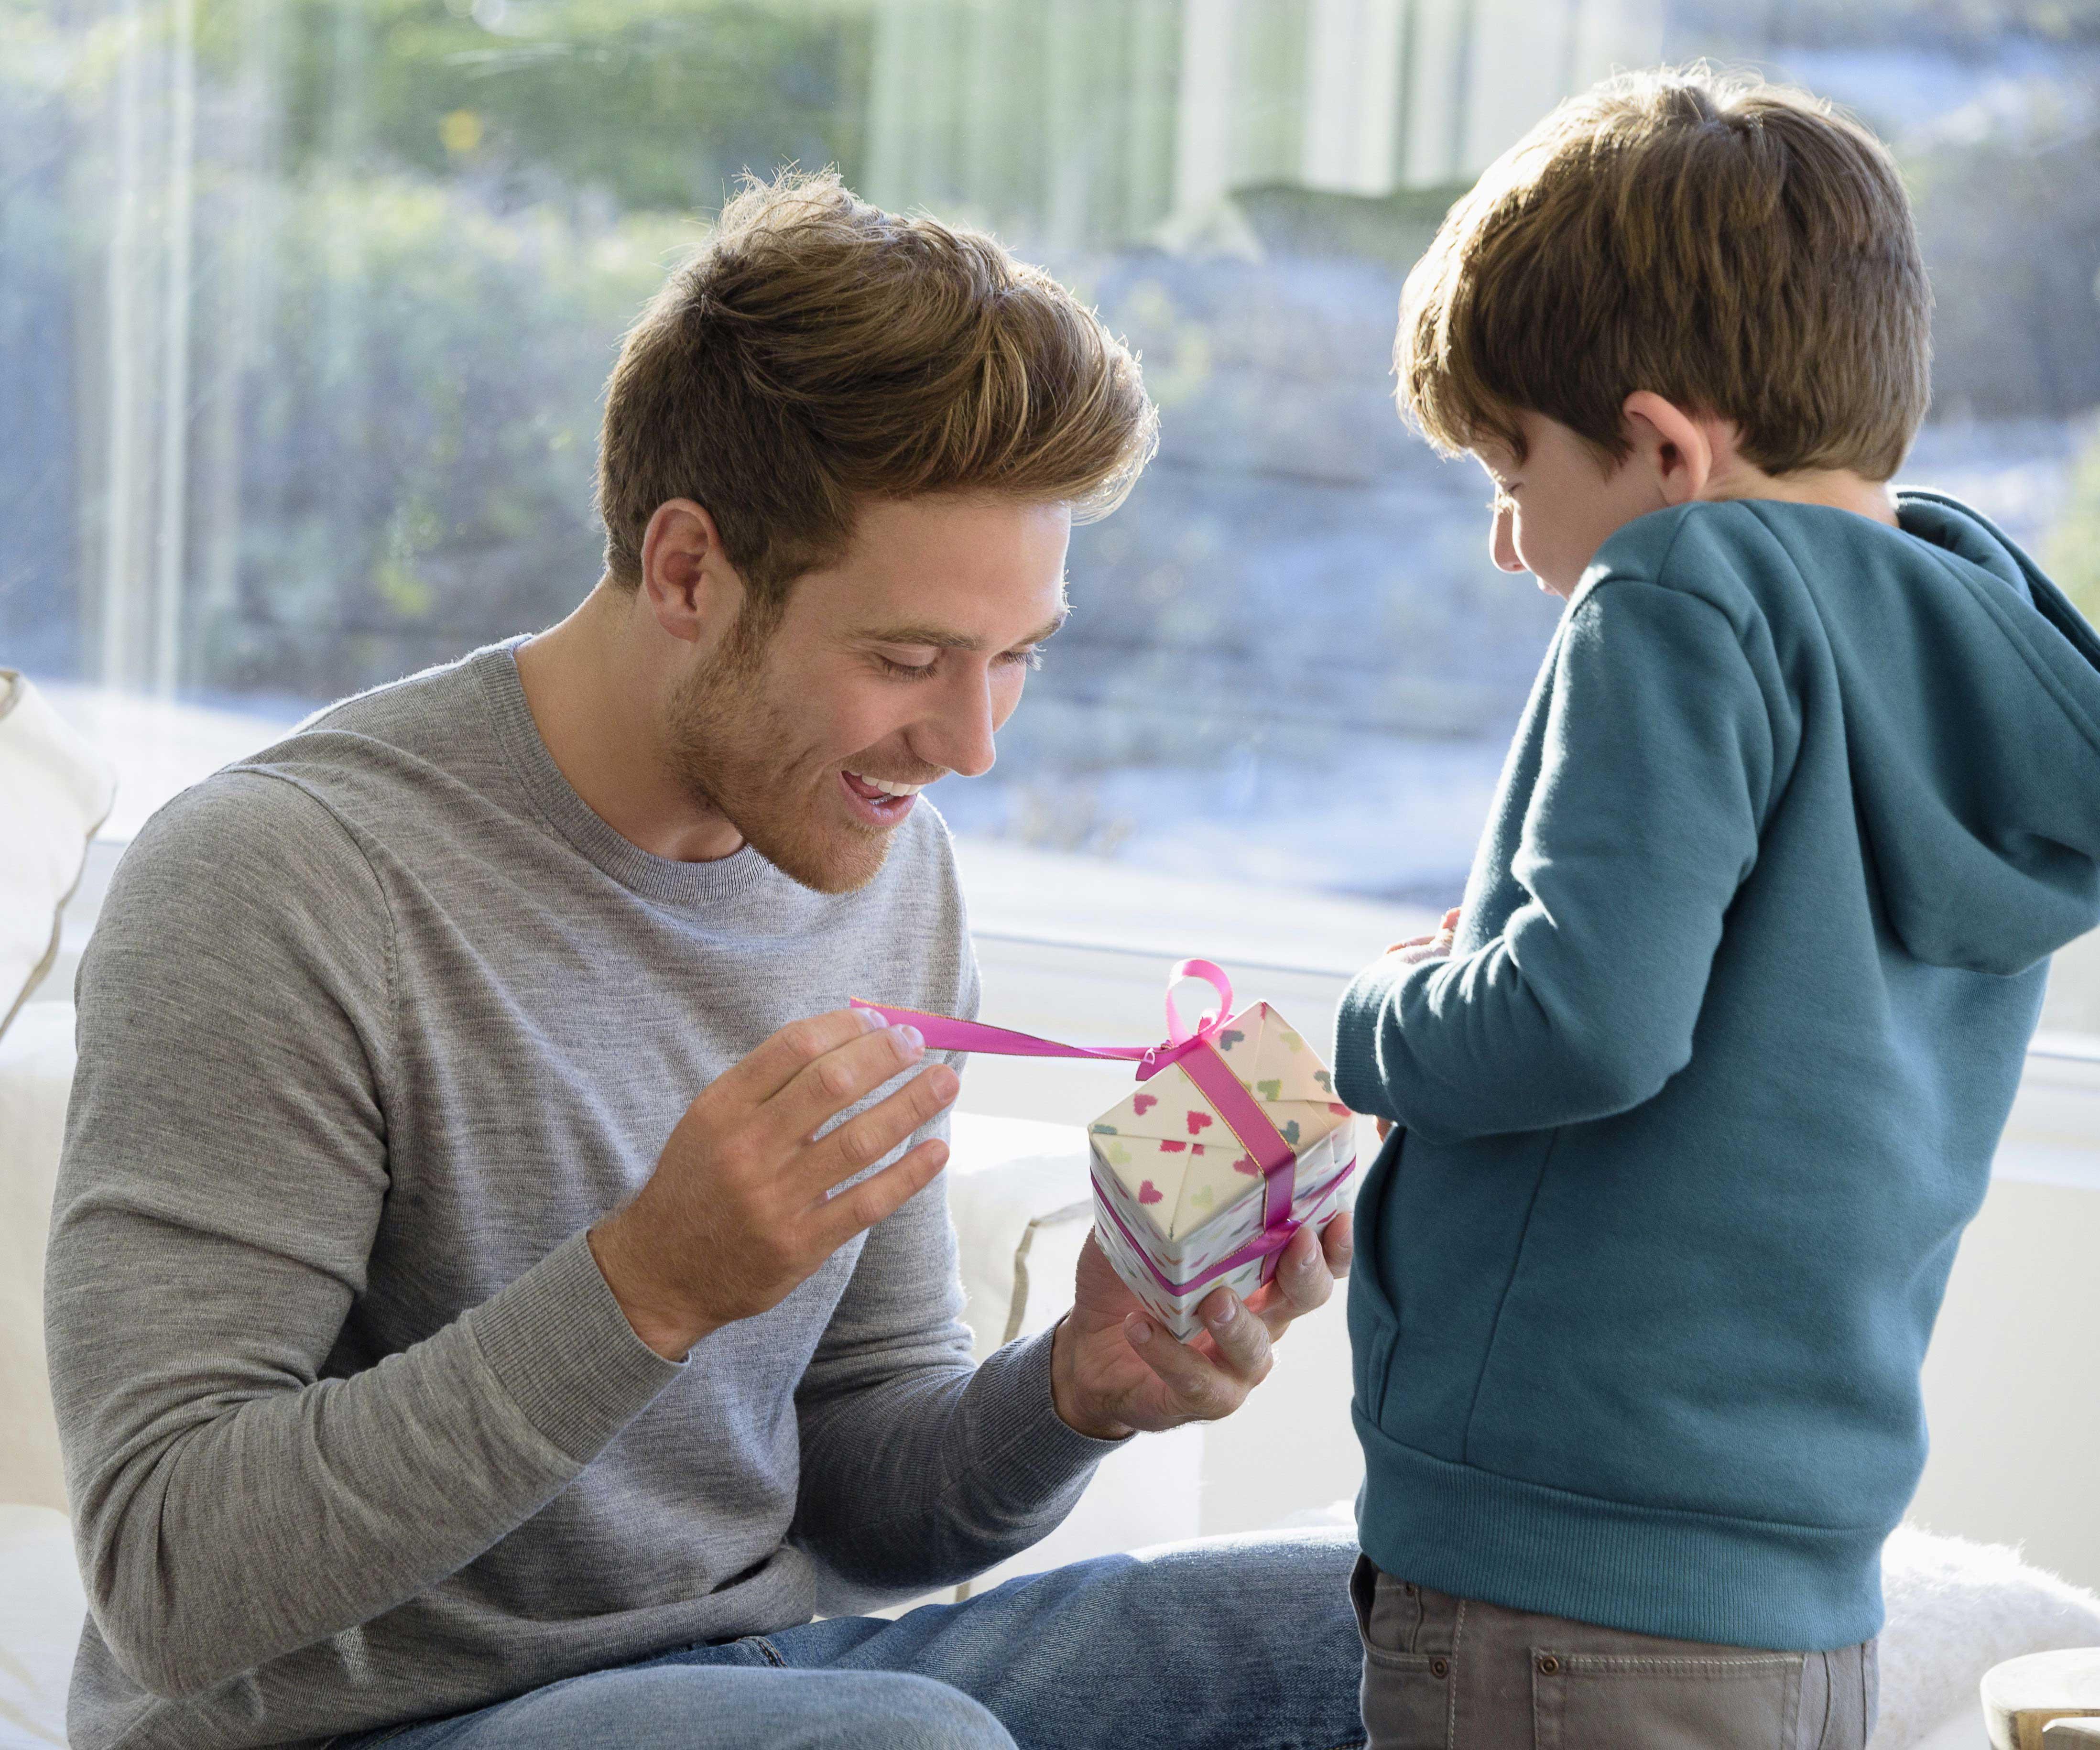 Geschenkideen Für Eltern  Geschenkideen für Eltern und Verwandte